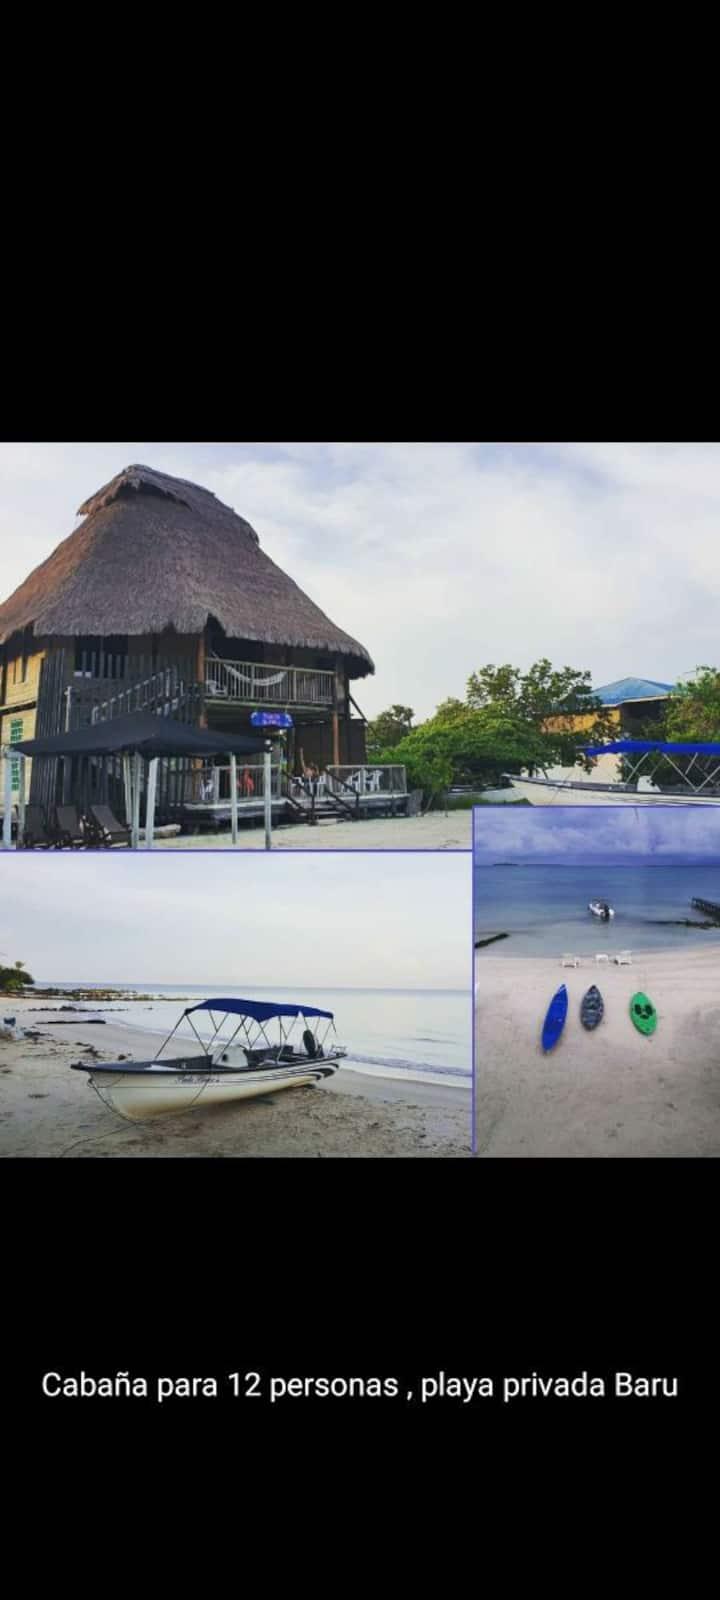 Cabaña con playa privada cartagena baru